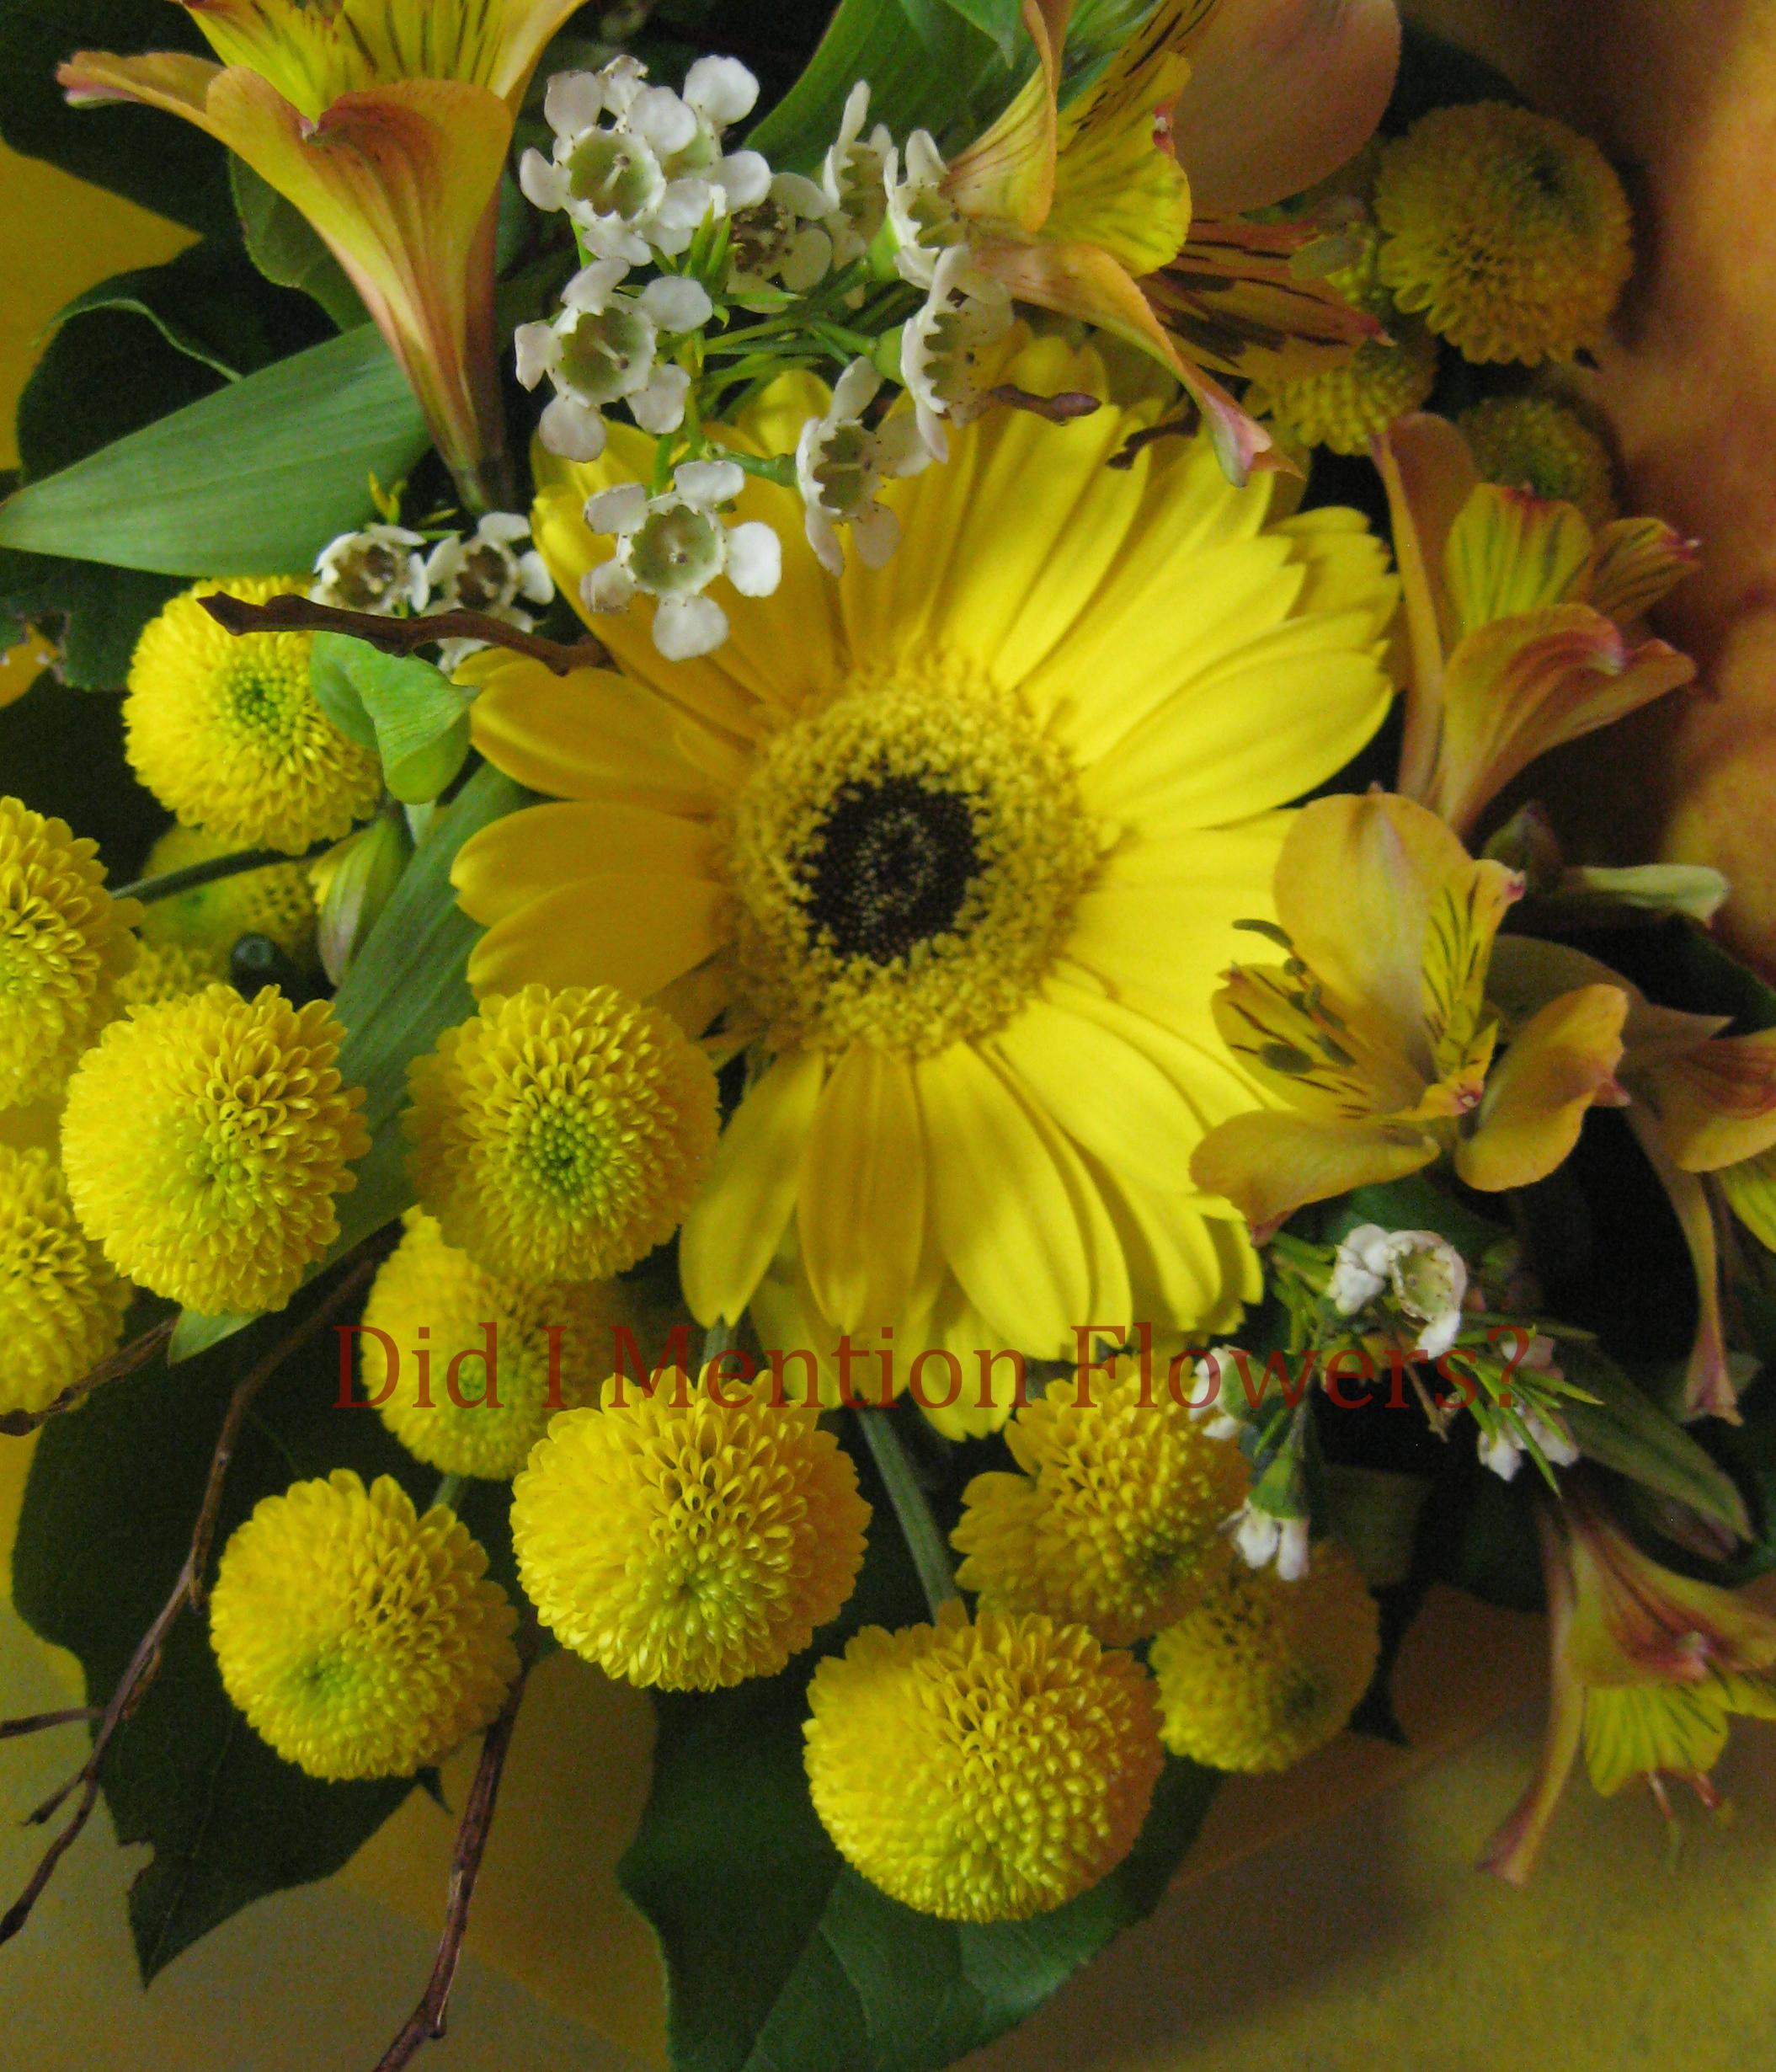 10 - Handtied Bouquet